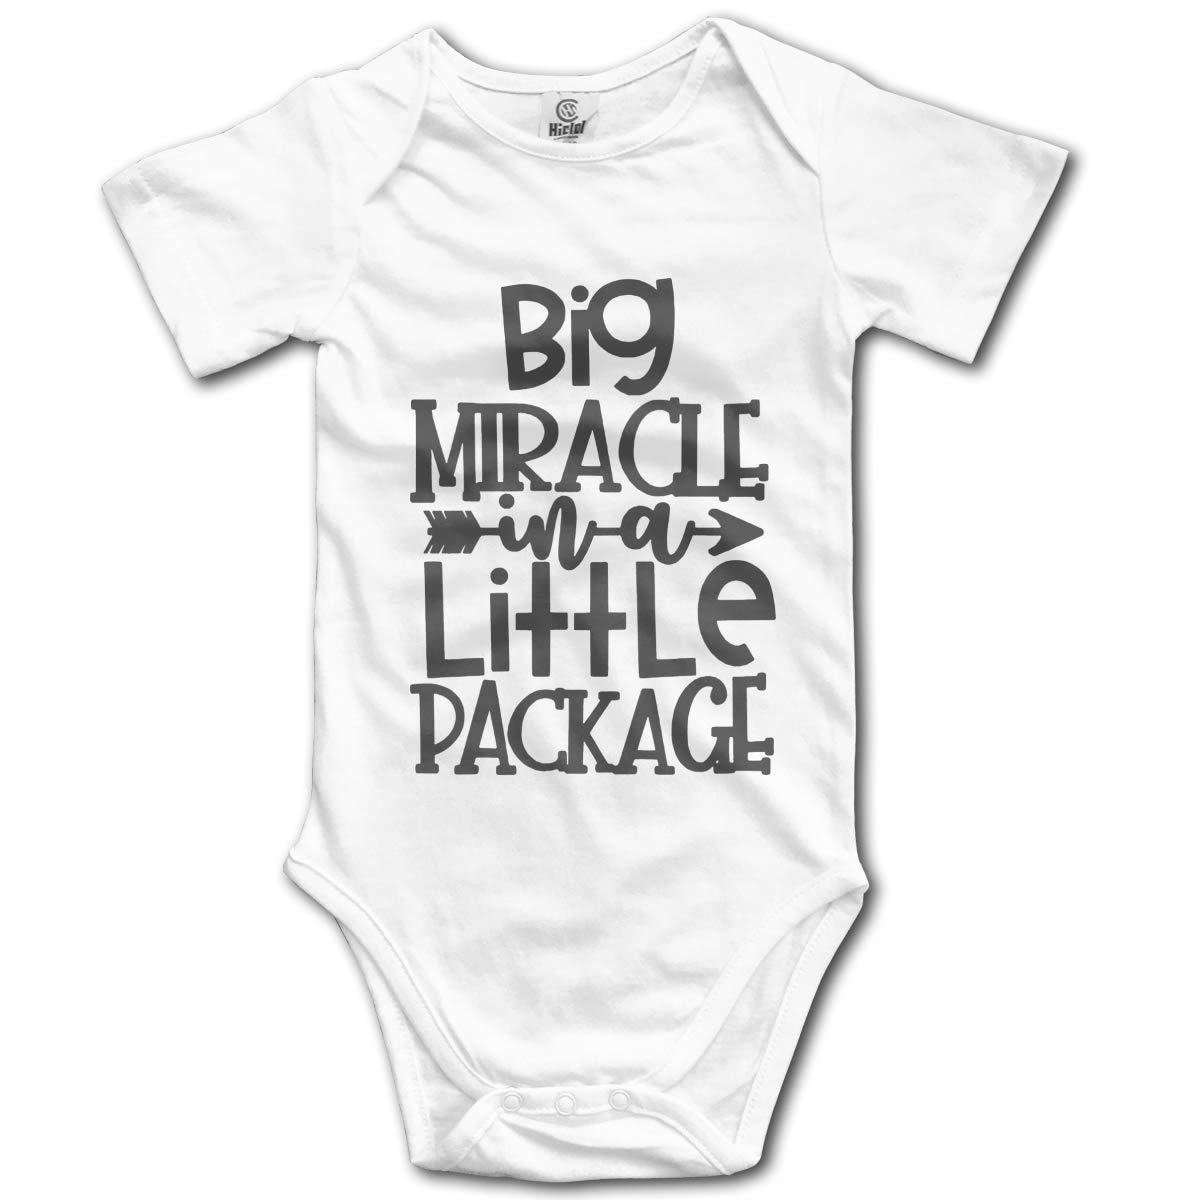 FAFU/&SKY Big Miracle Little Package Newbaby Baby Romper Summer Short Sleeve Jumpsuit